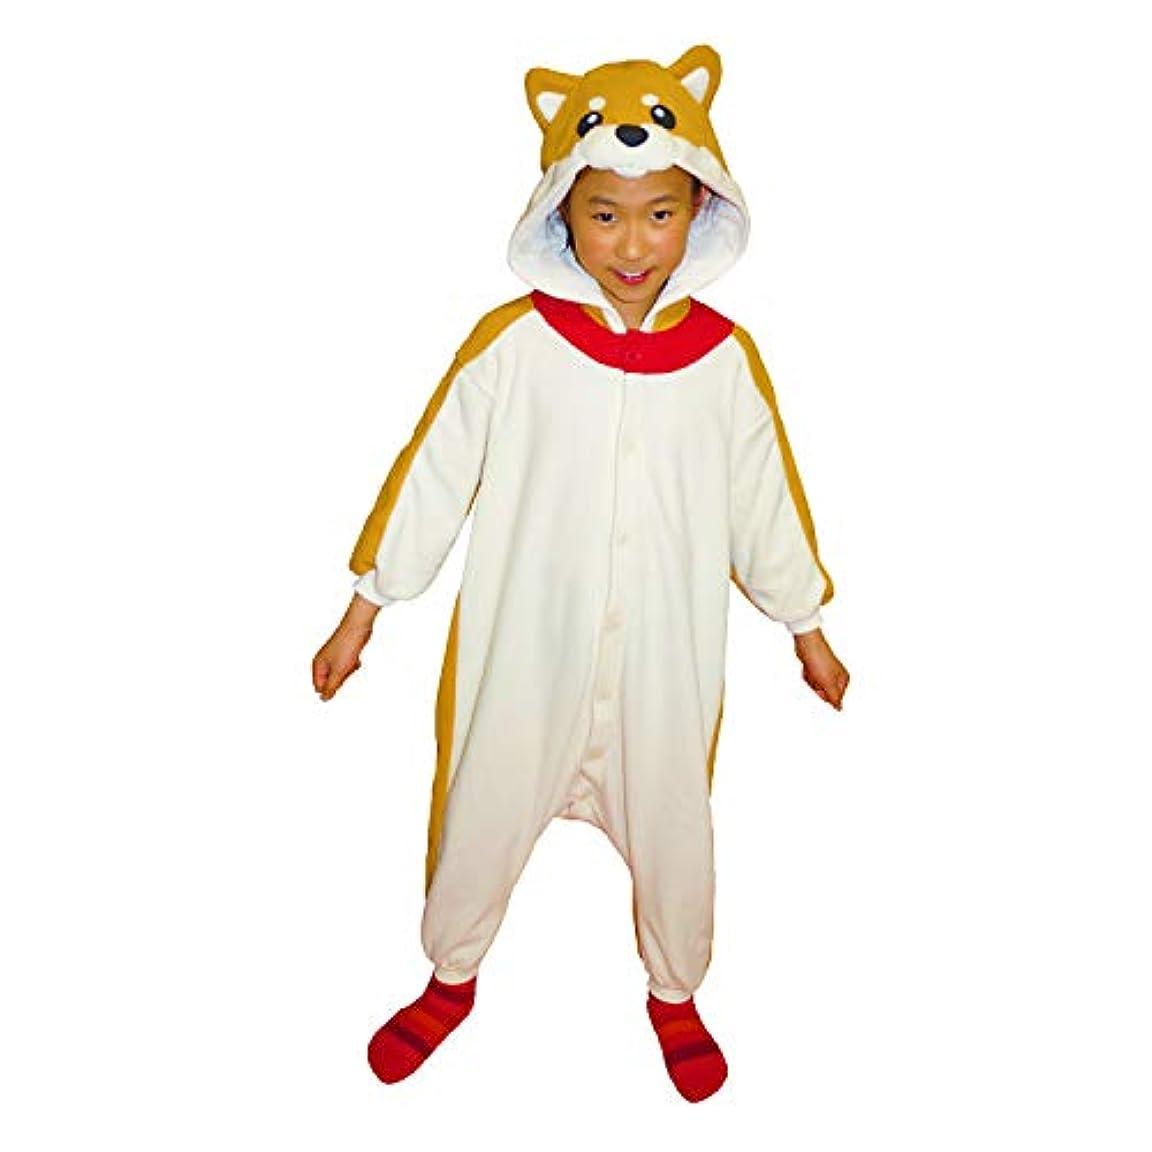 おとこ汚染された写真を撮る2868H 着ぐるみ 子供用 フリース アニマル【 柴犬/130cm 】